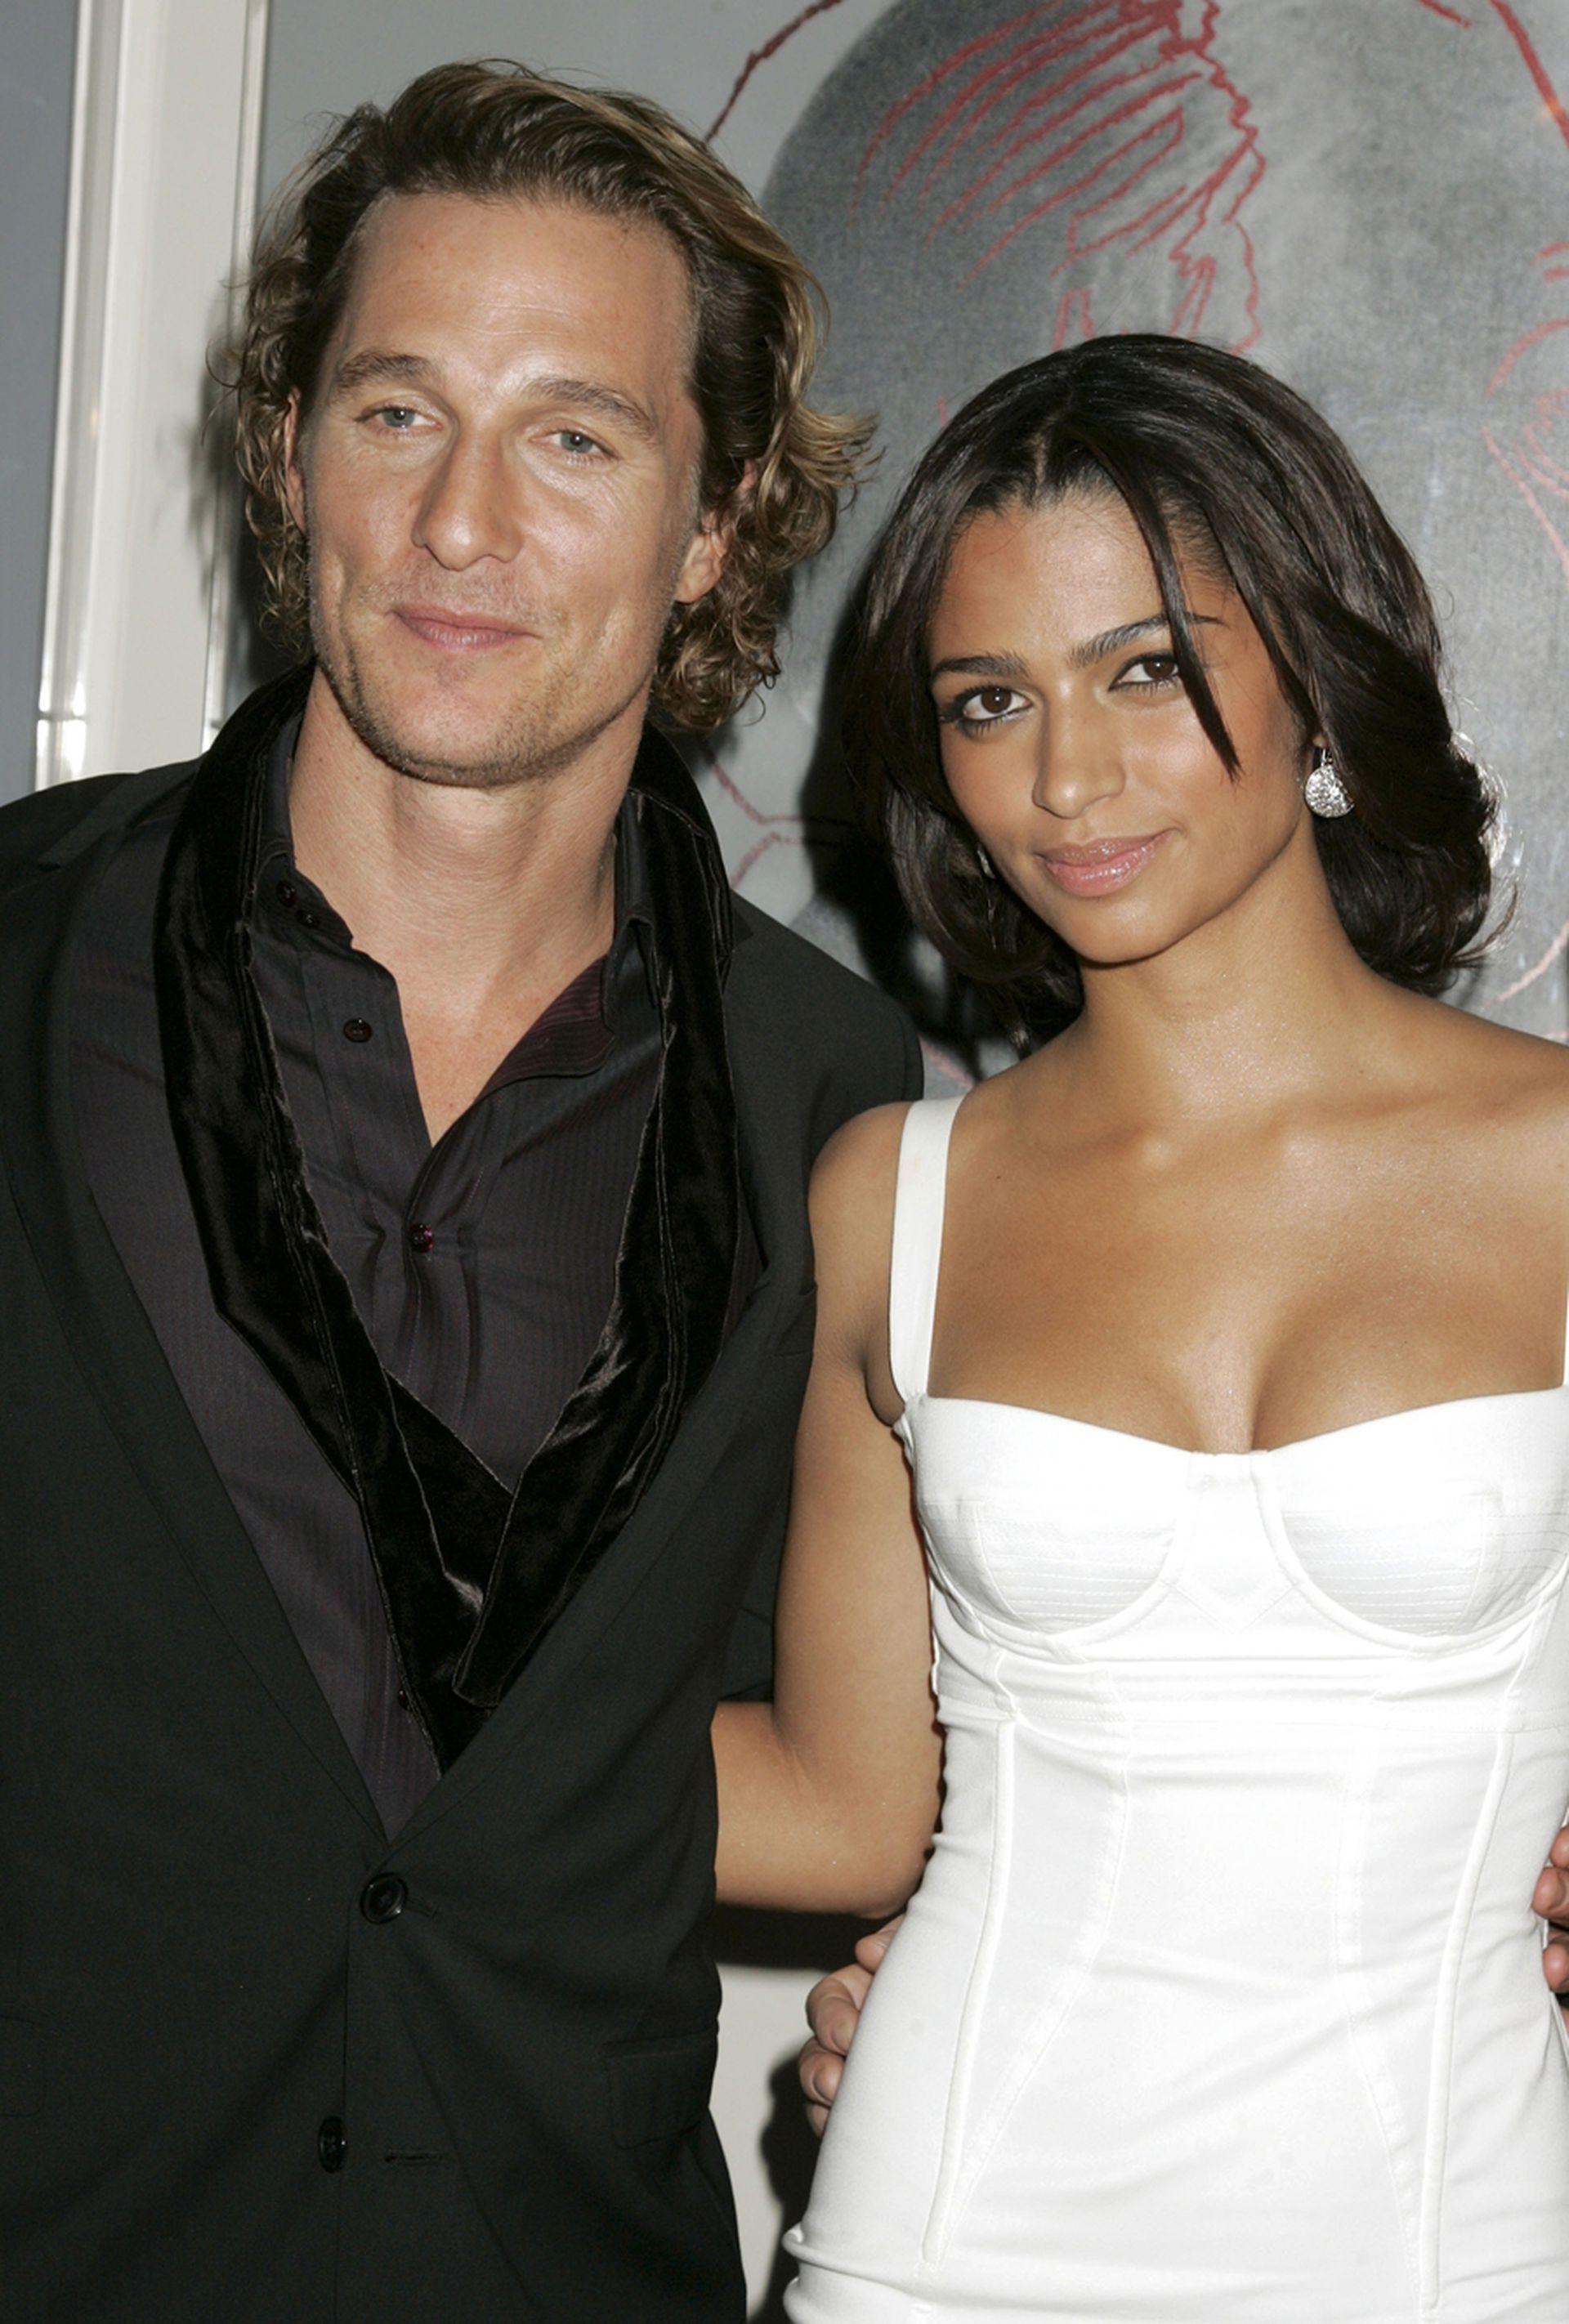 Una de las primeras imágenes del actor junto a Camila Alves, durante un evento en Nueva York, en diciembre de 2007